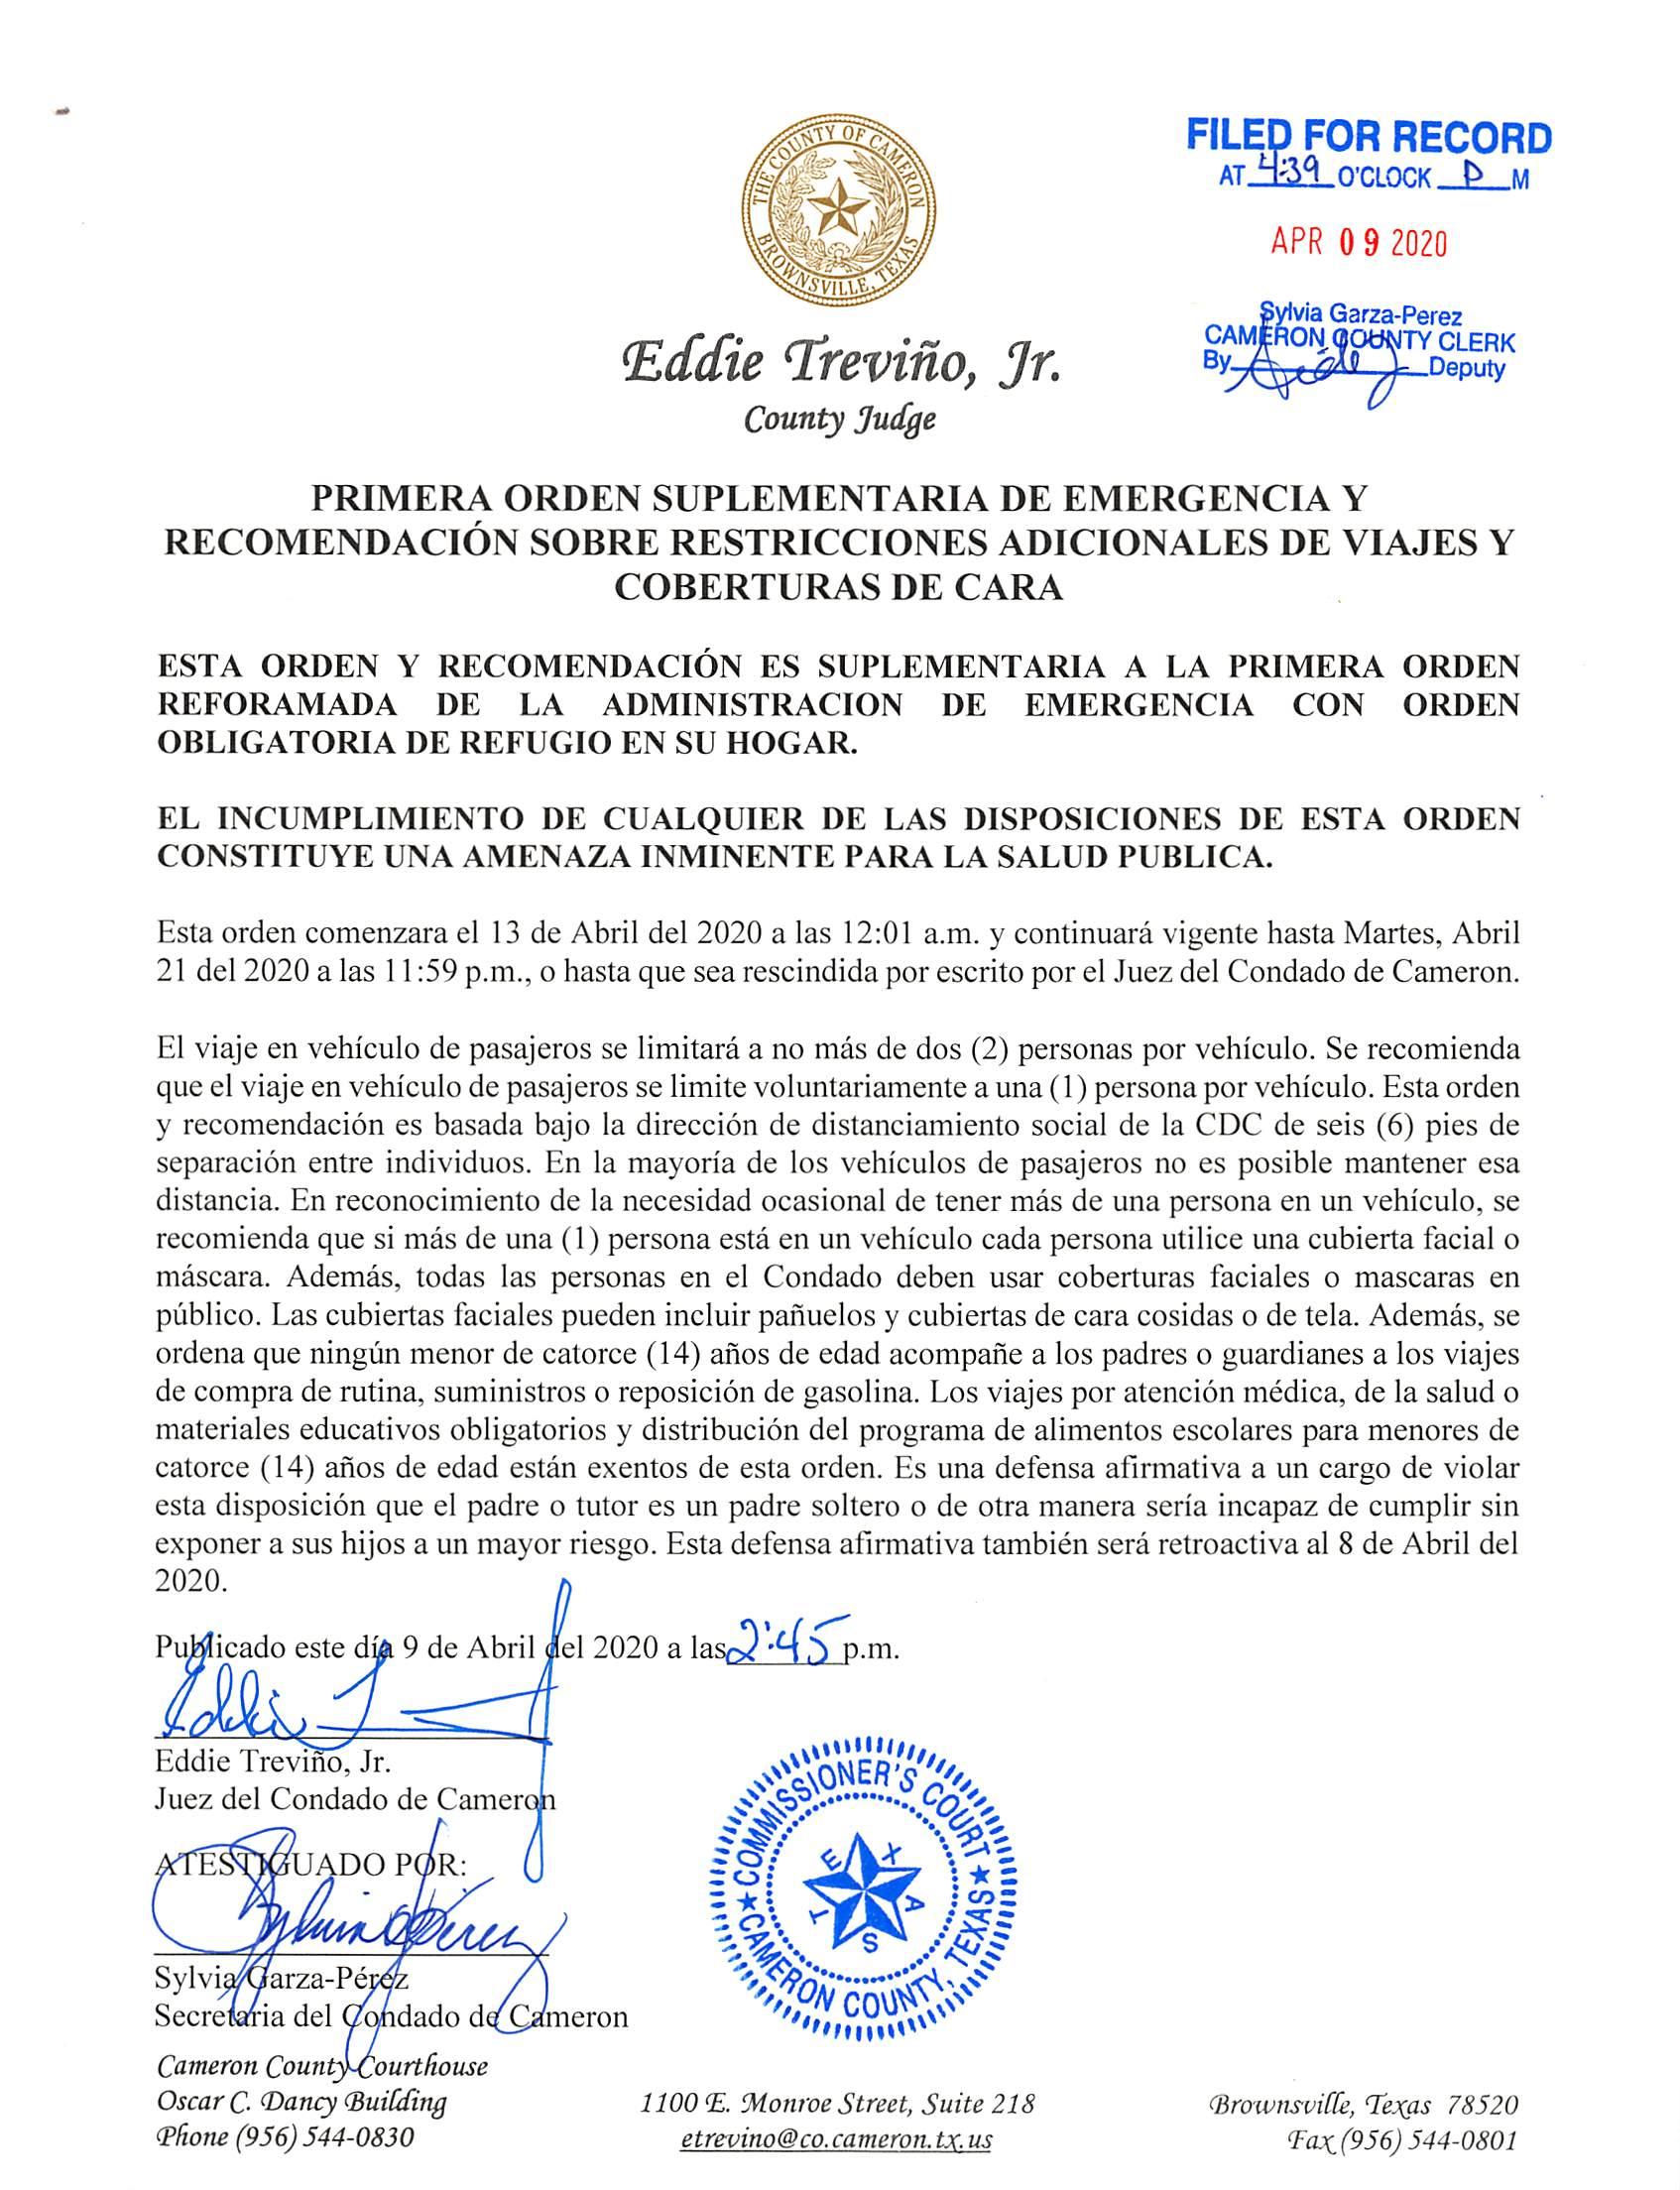 2020.04.09 Orden Primera Orden Suplementaria De Emergencia Restricciones Viajes Y Coberturas De Cara